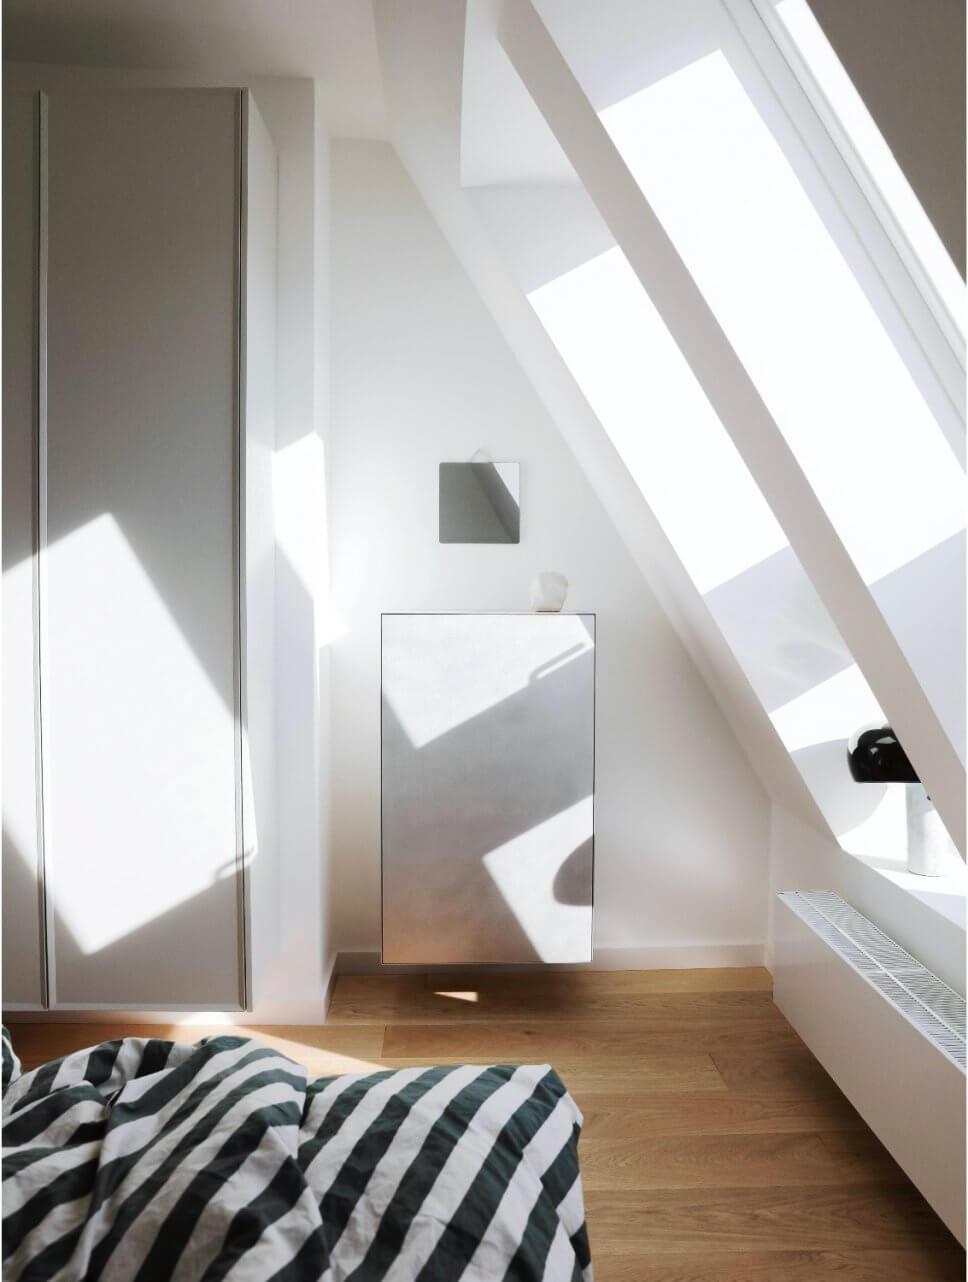 Modernes Schlafzimmer mit Dachschräge, kleinem Schrank und Kleiderschrank